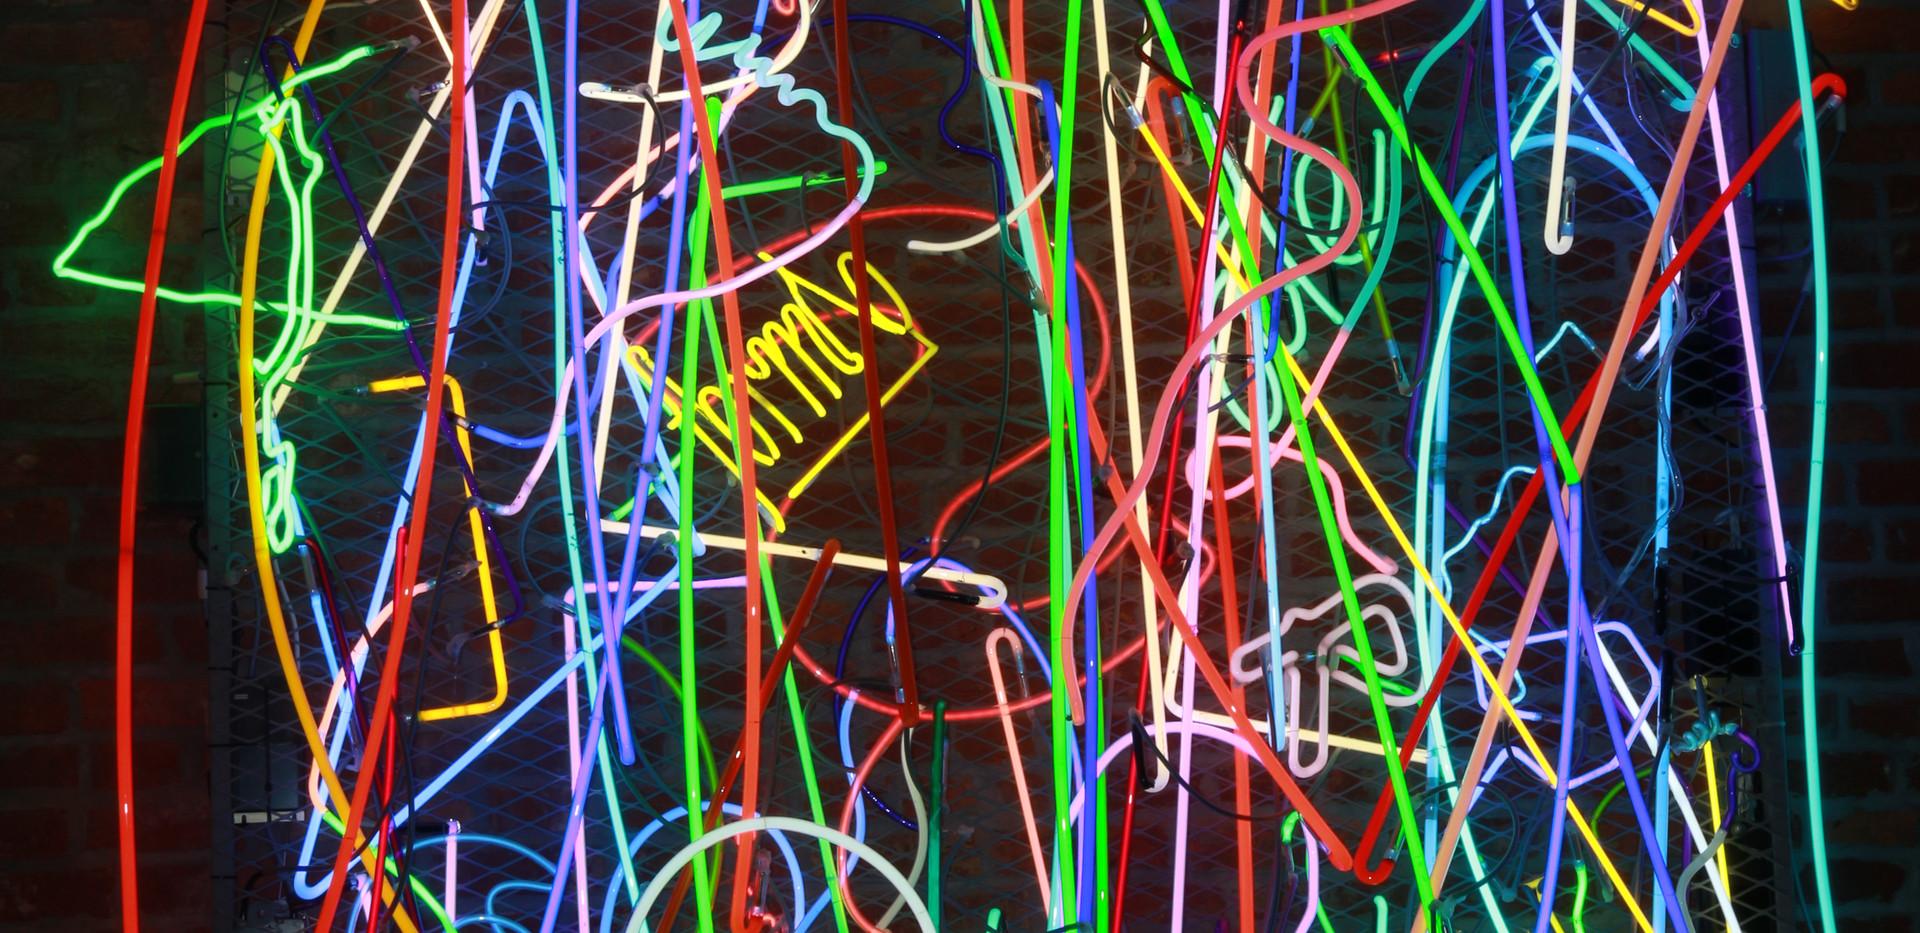 Random Neon, 2010 - 2012